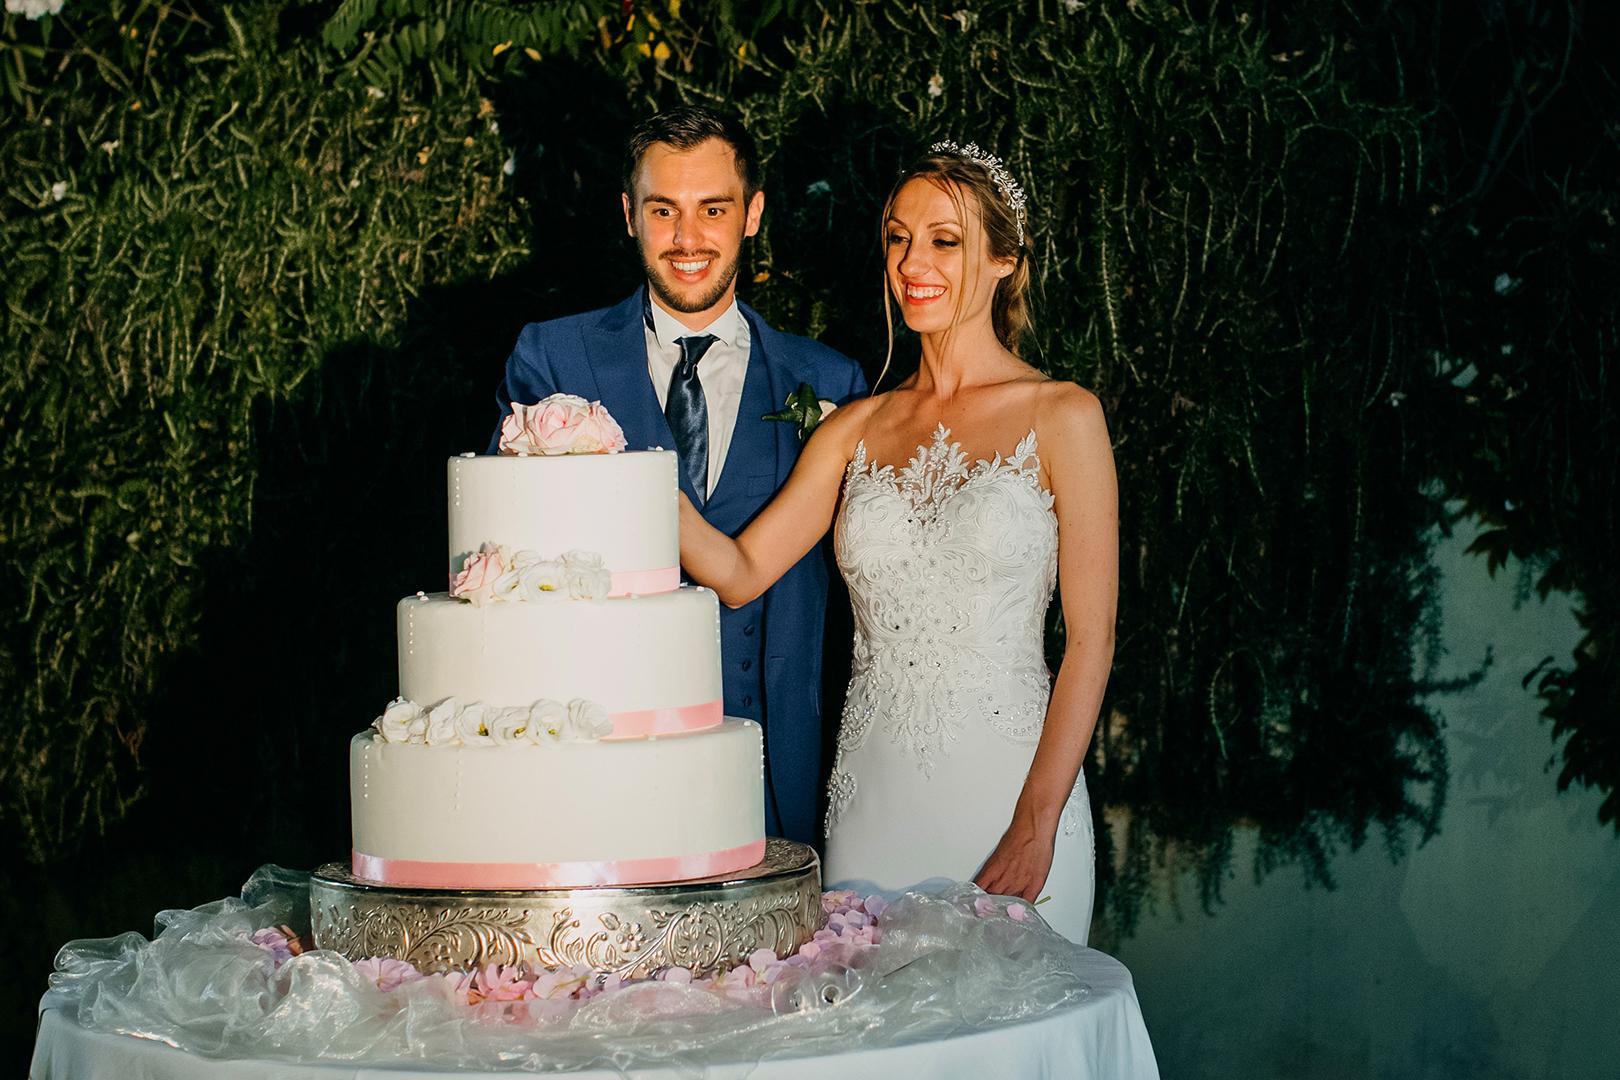 69 gianni-lepore-fotografo-matrimonio-wedding-torta-nunziale-sposi-weddingcake